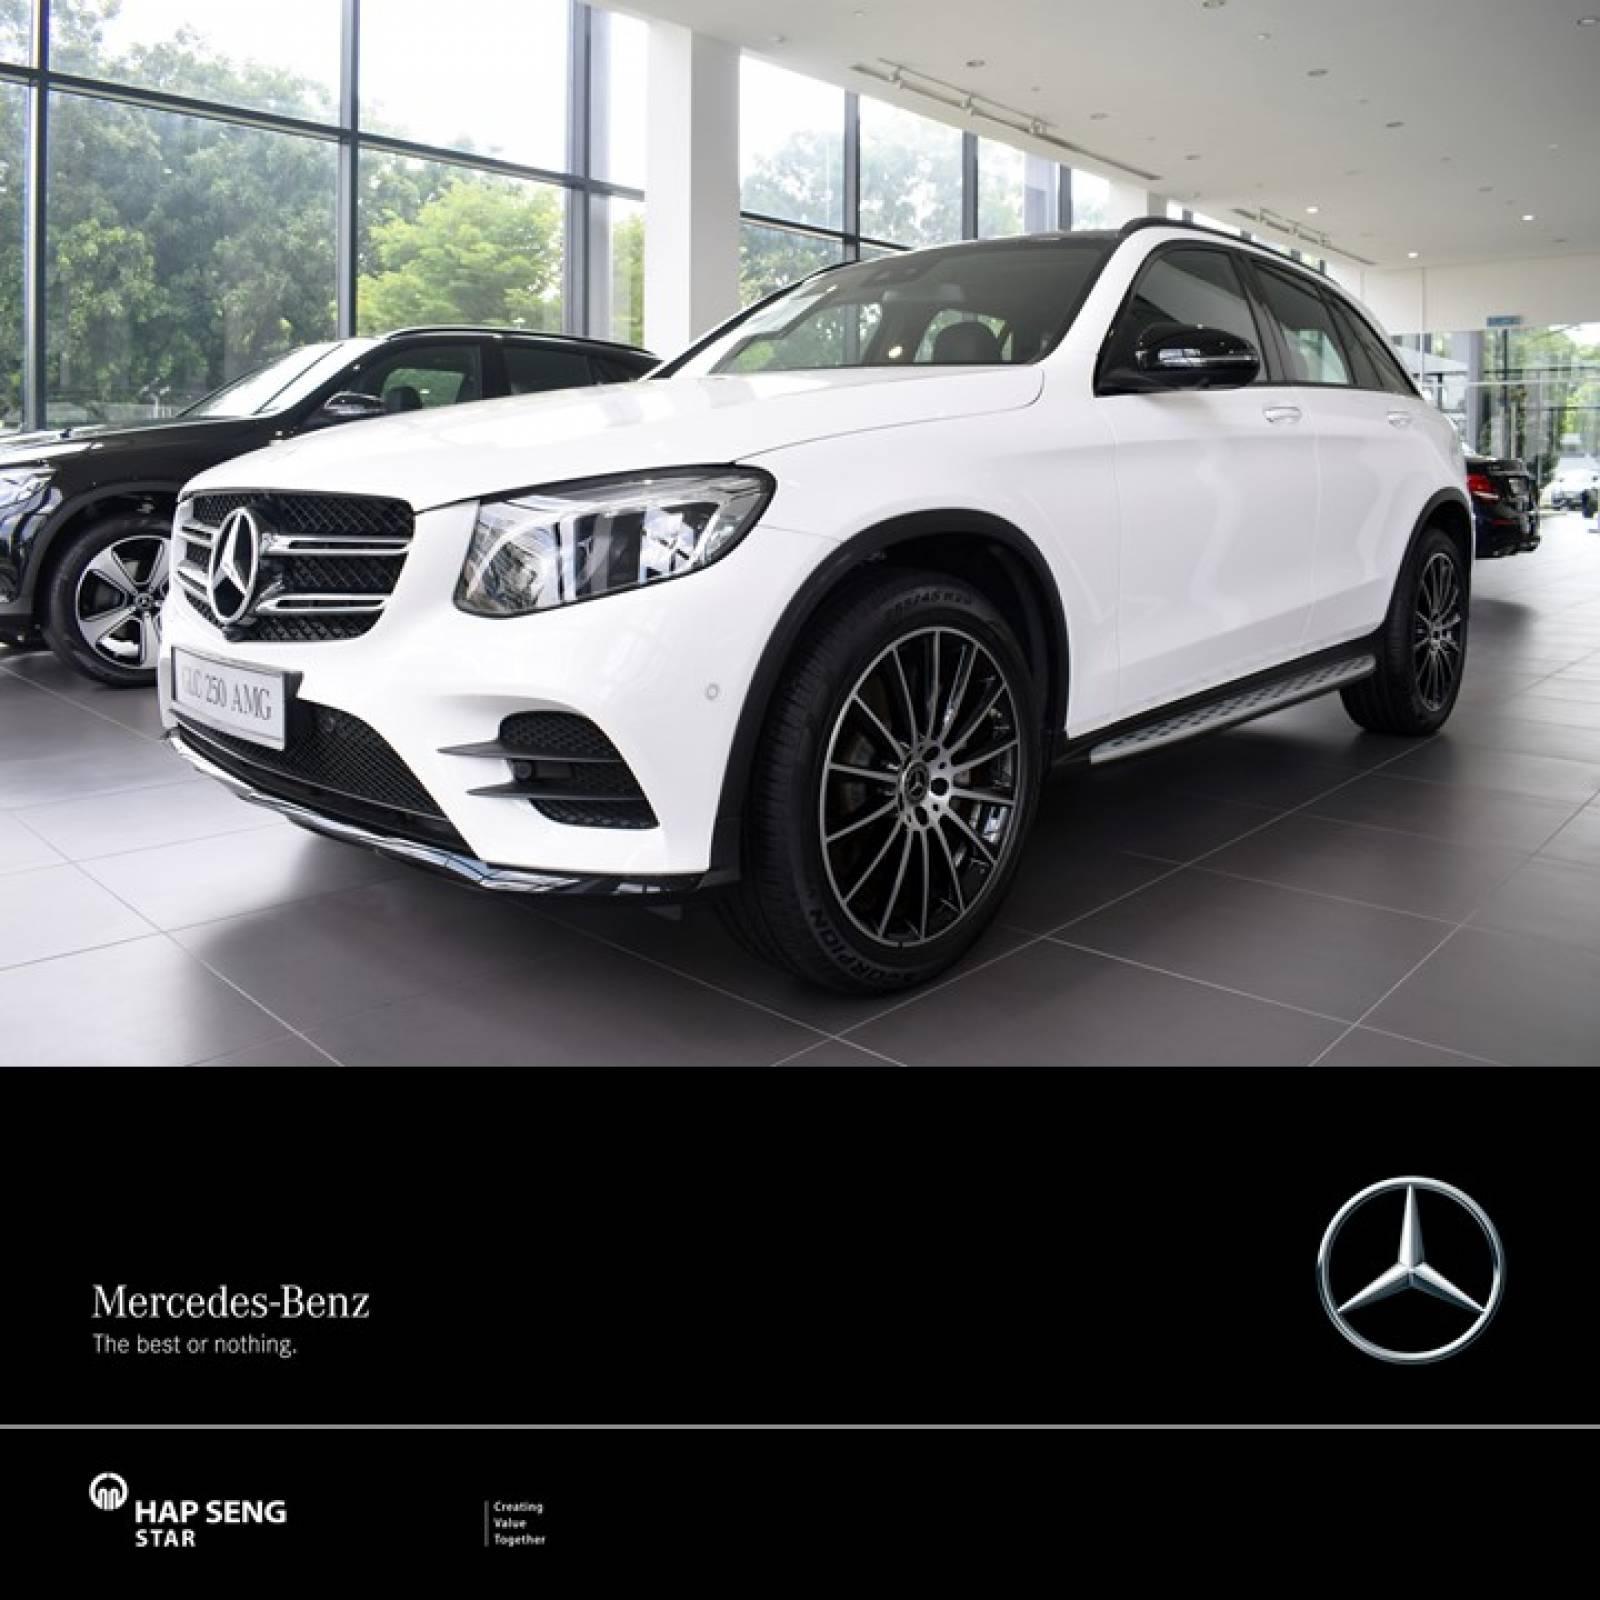 Mercedes-Benz GLC 250 4matic